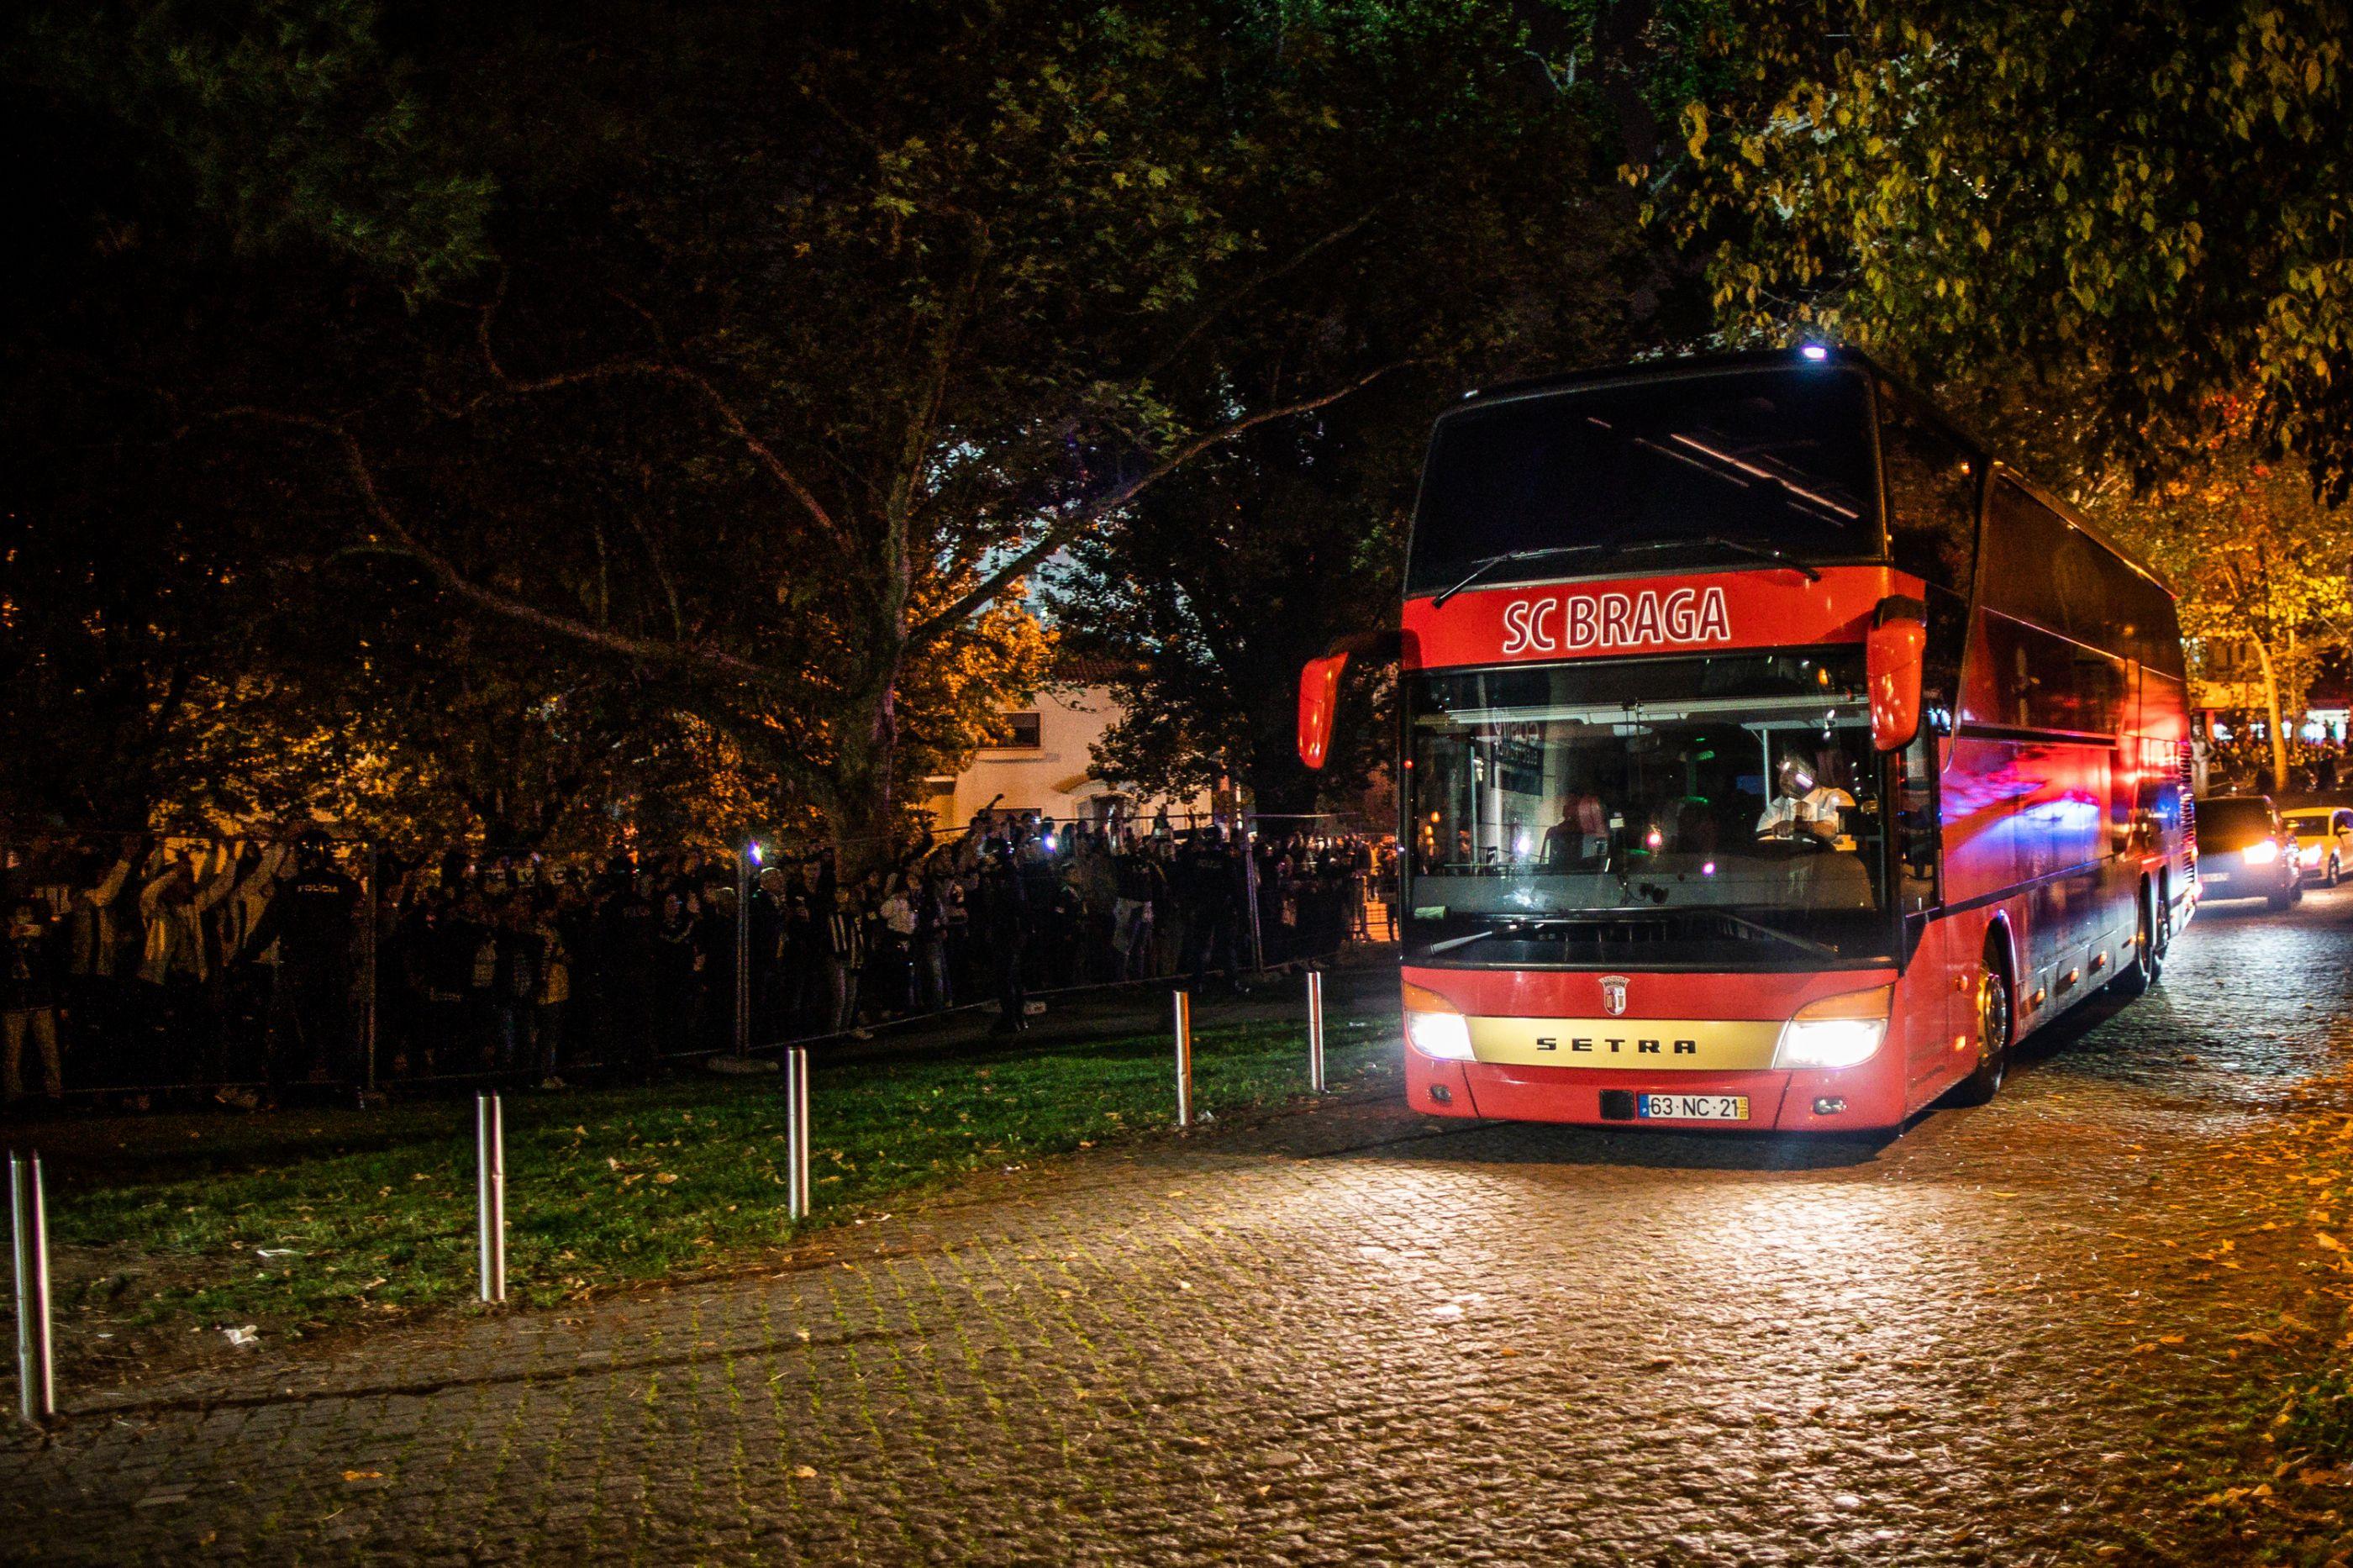 Autocarro do Sp. Braga apedrejado na chegada a Guimarães